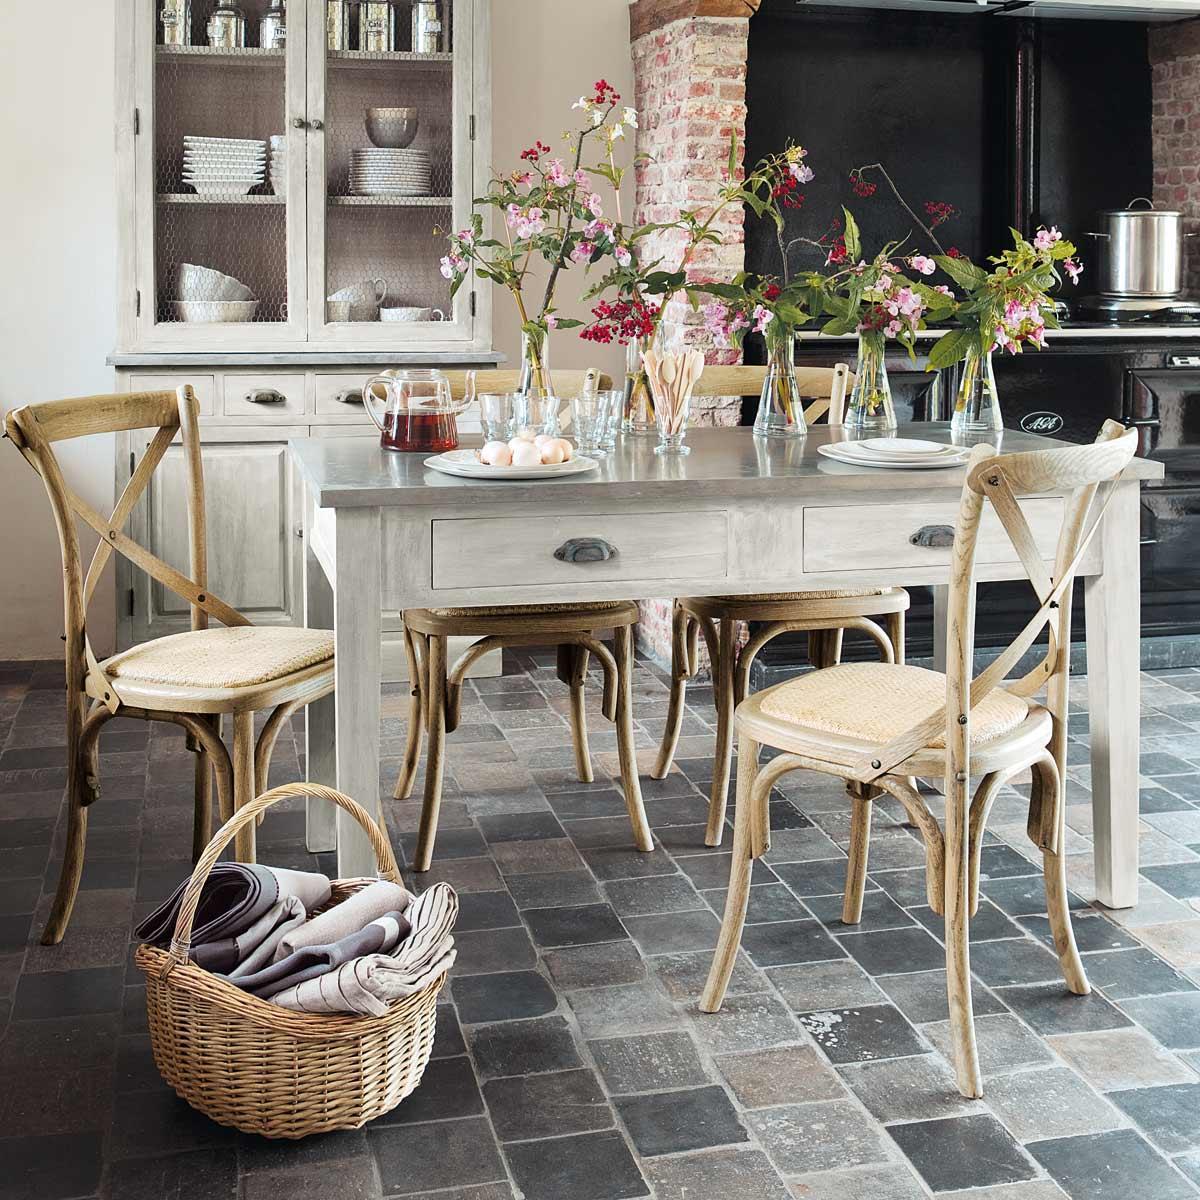 maison du monde sedie in vendita in arredamento e casalinghi: Cucine Maison Du Monde Accessori E Mobili In Stile Shabby Foto